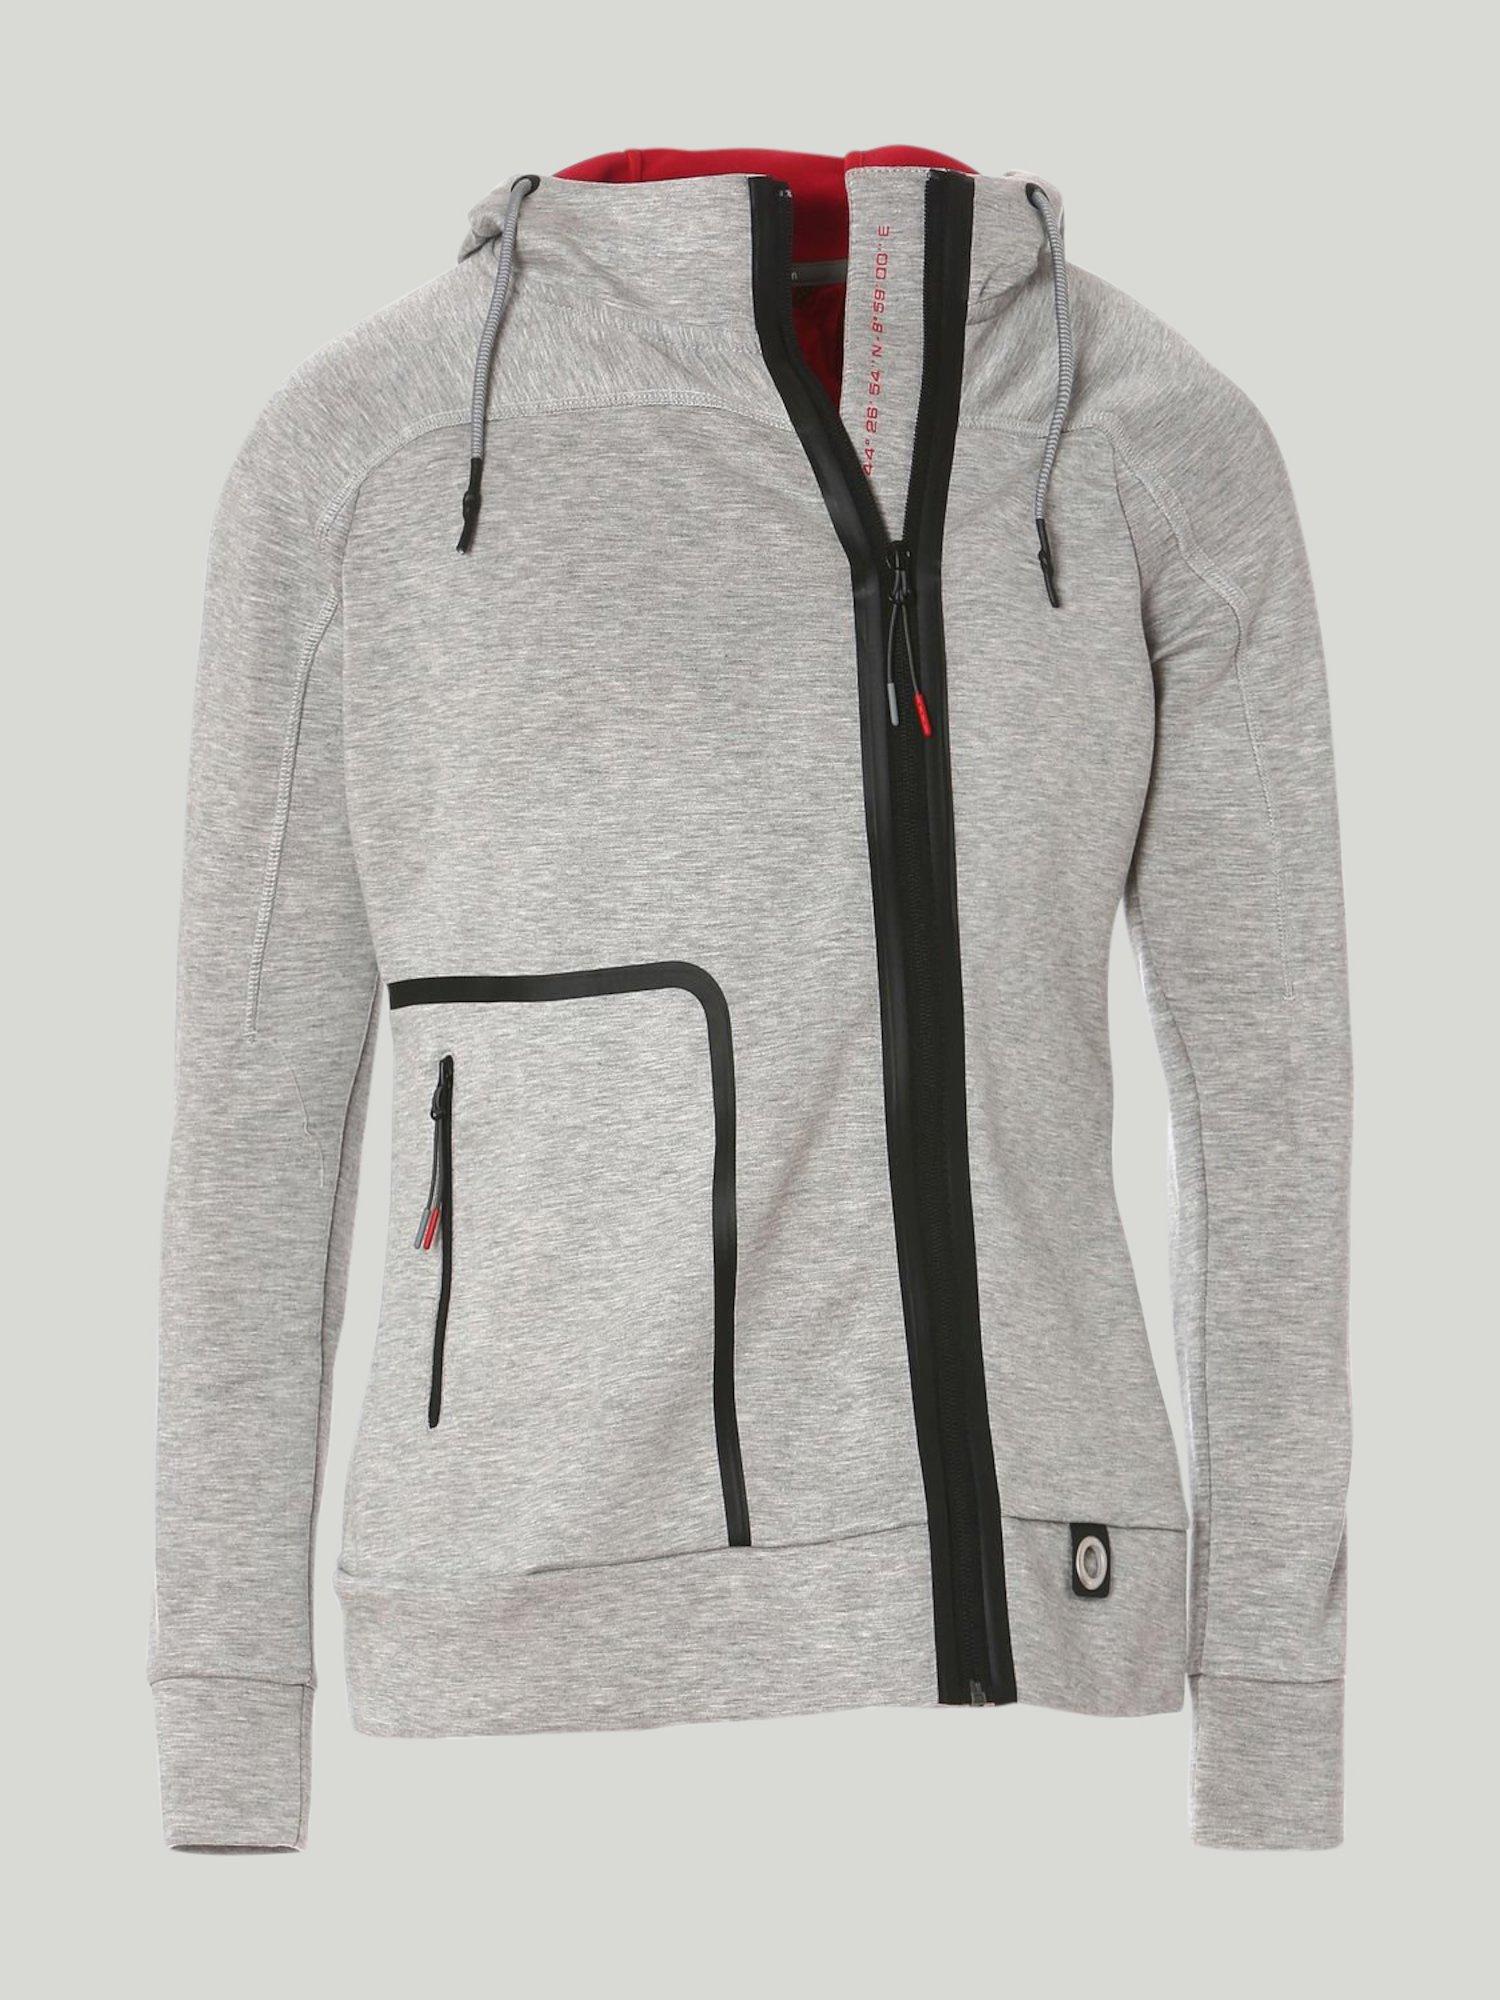 Sweatshirt Keel - Grau Melange